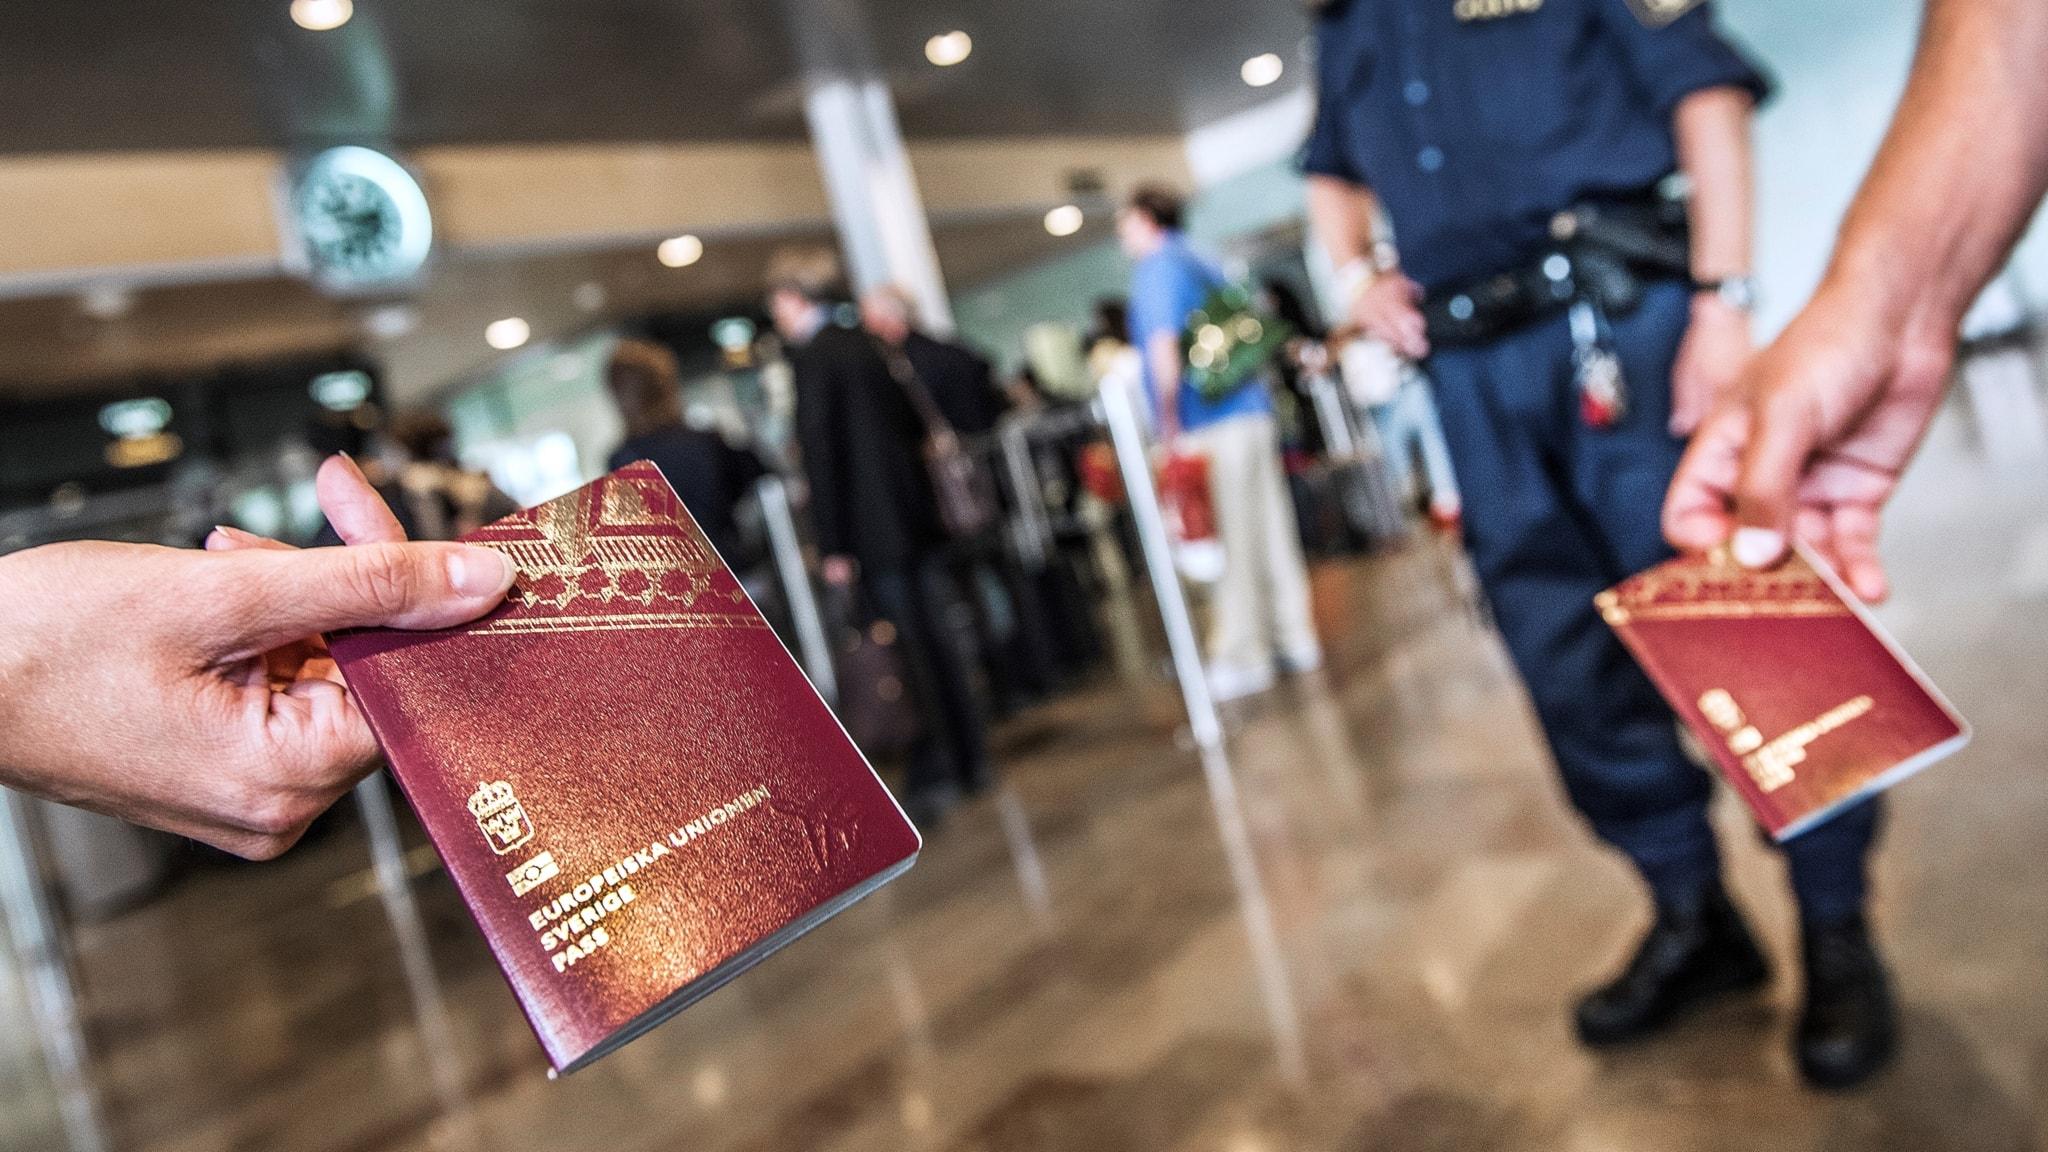 Sveriges gränskontroller totalsågas av EU i hemligstämplad rapport  - Nyheter (Ekot)